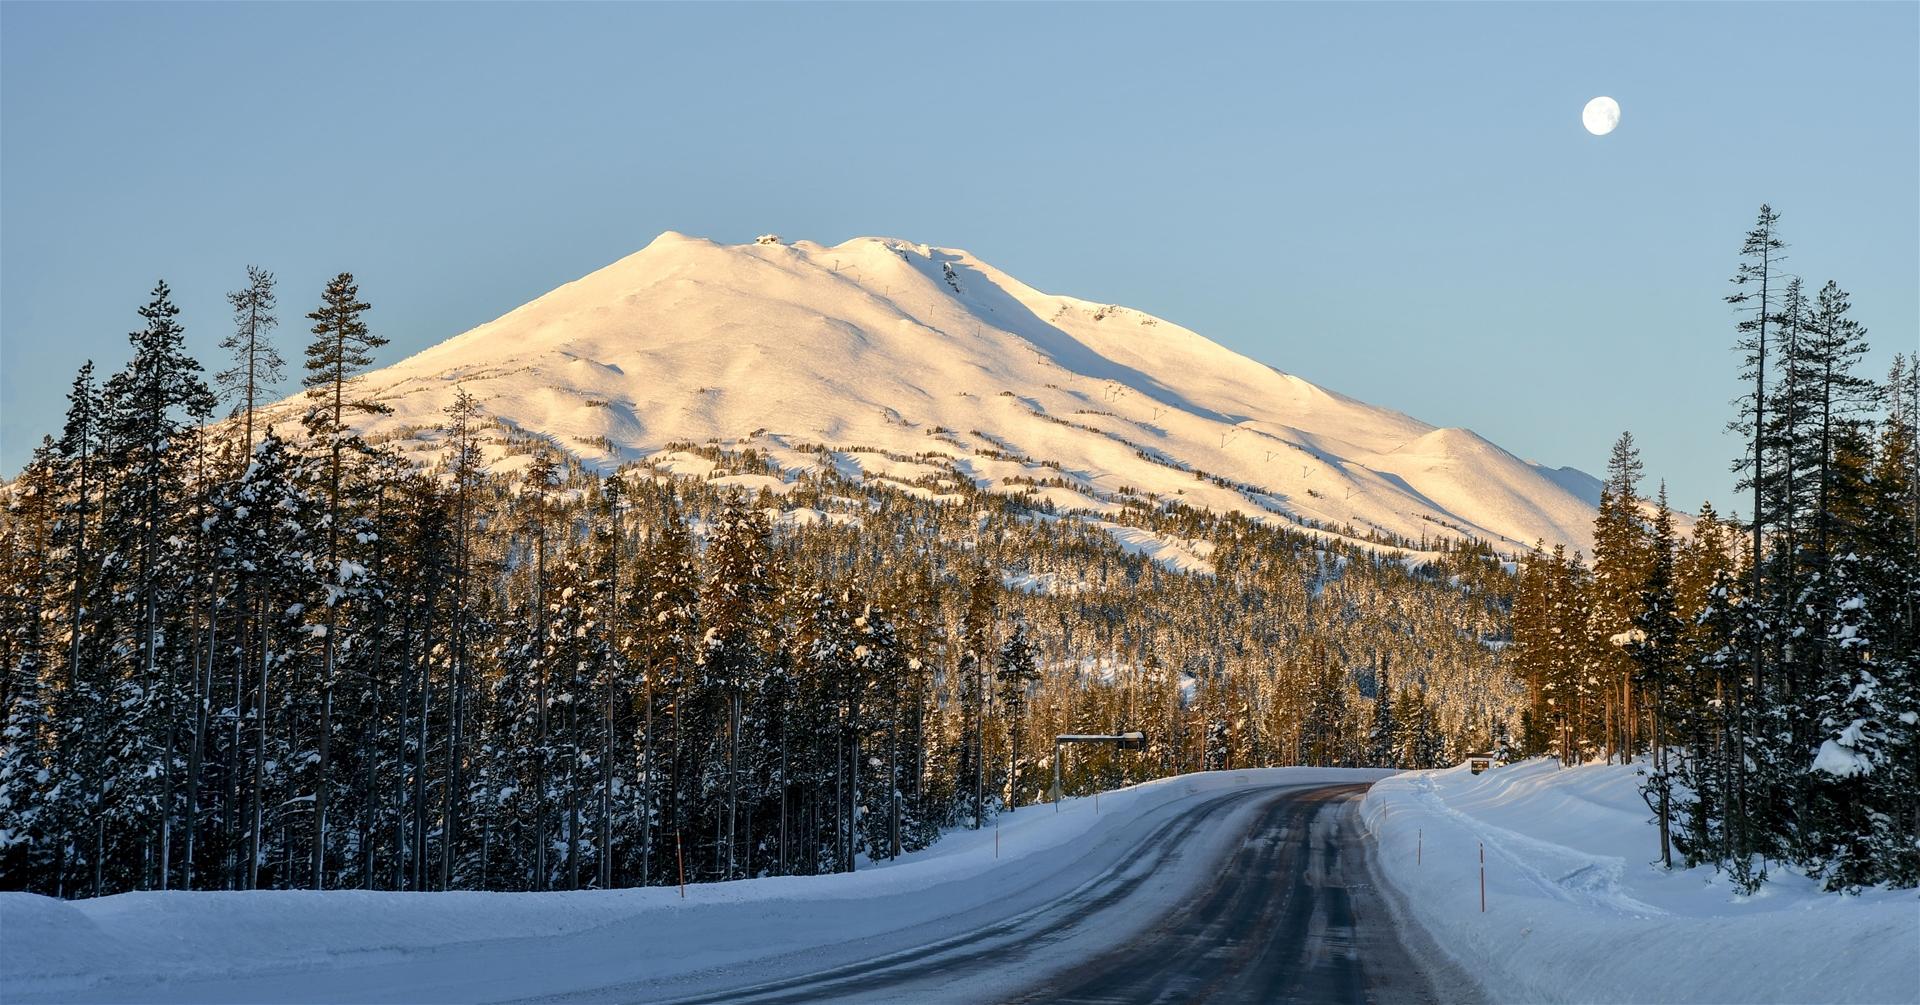 Mt. Bachelor Ski Resort - Ikon Pass Location 2021-2022